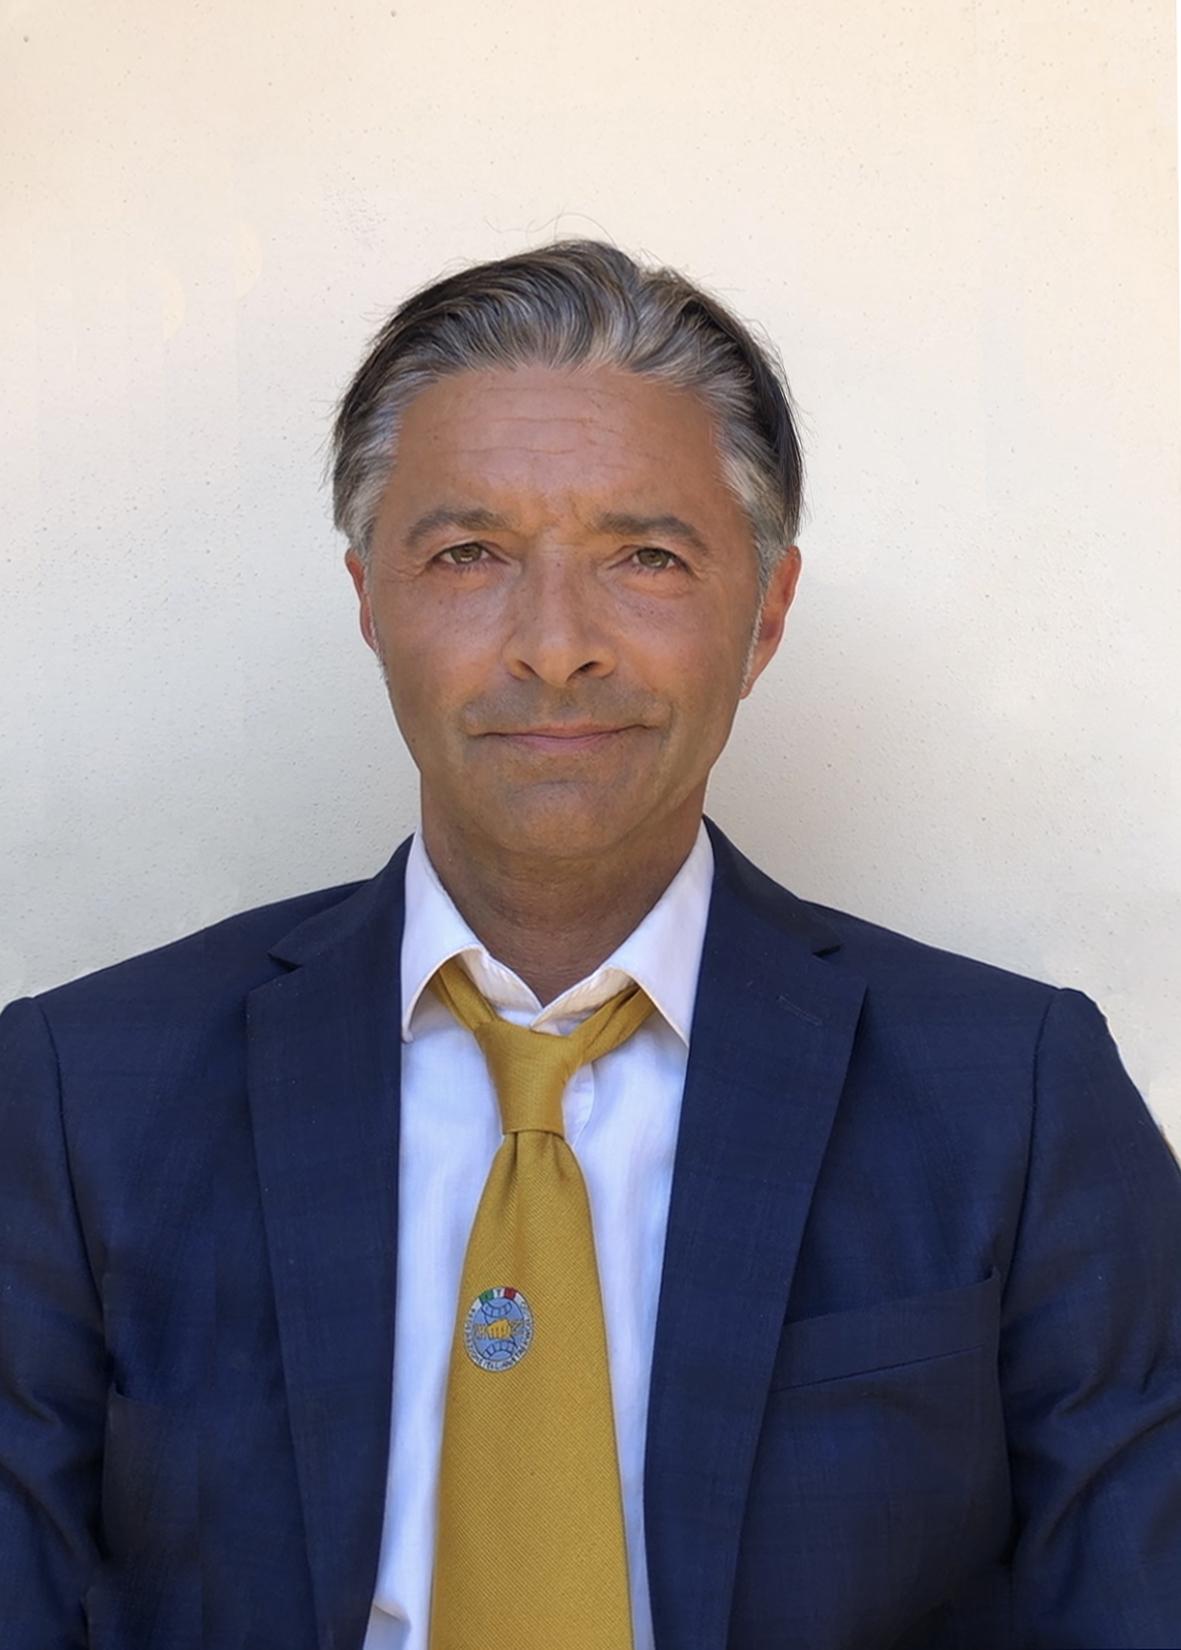 Master<br> <b>Emanuele Manno</b><br>VII DAN